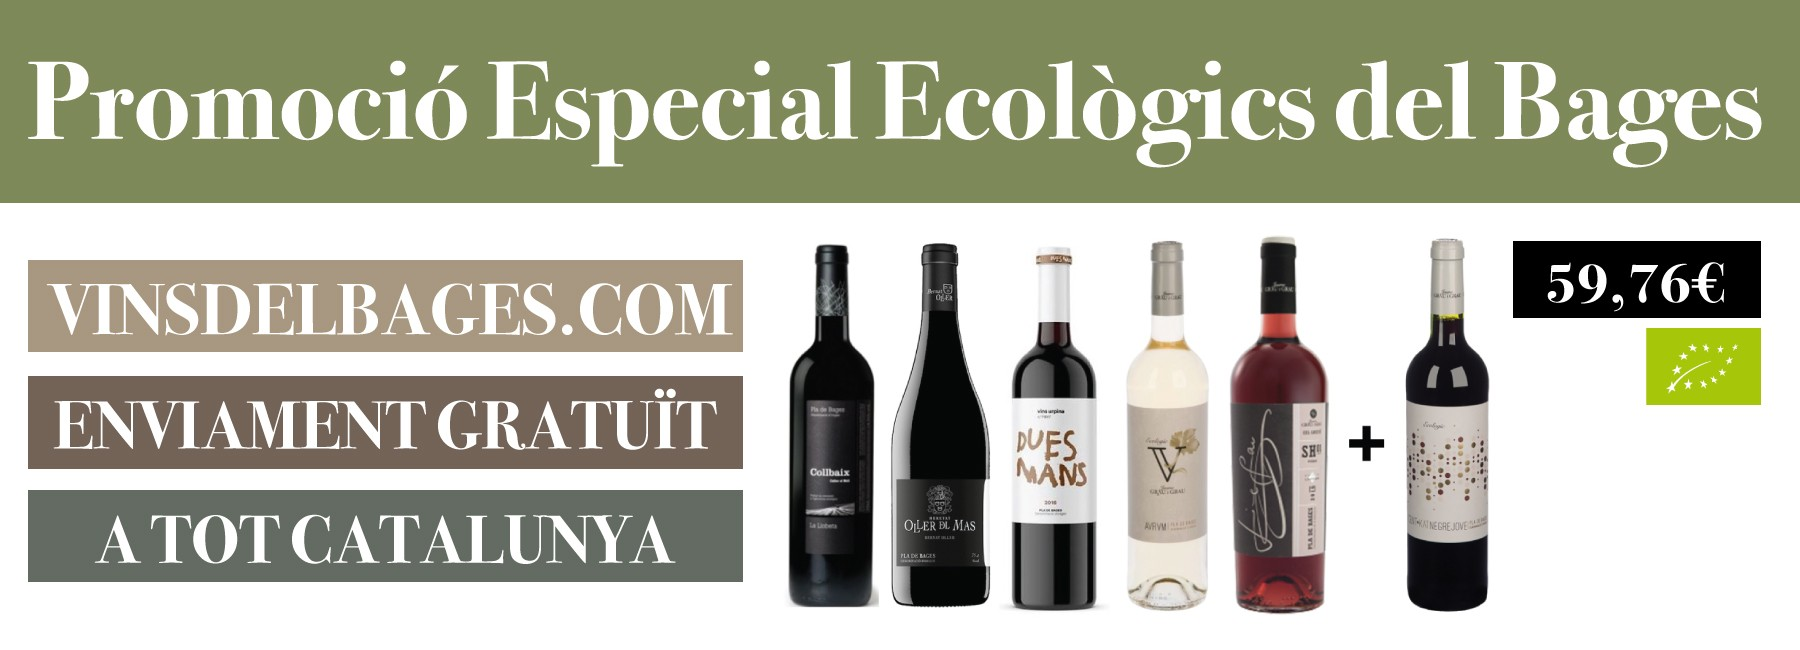 Promoción vinos ecológicos del Bages